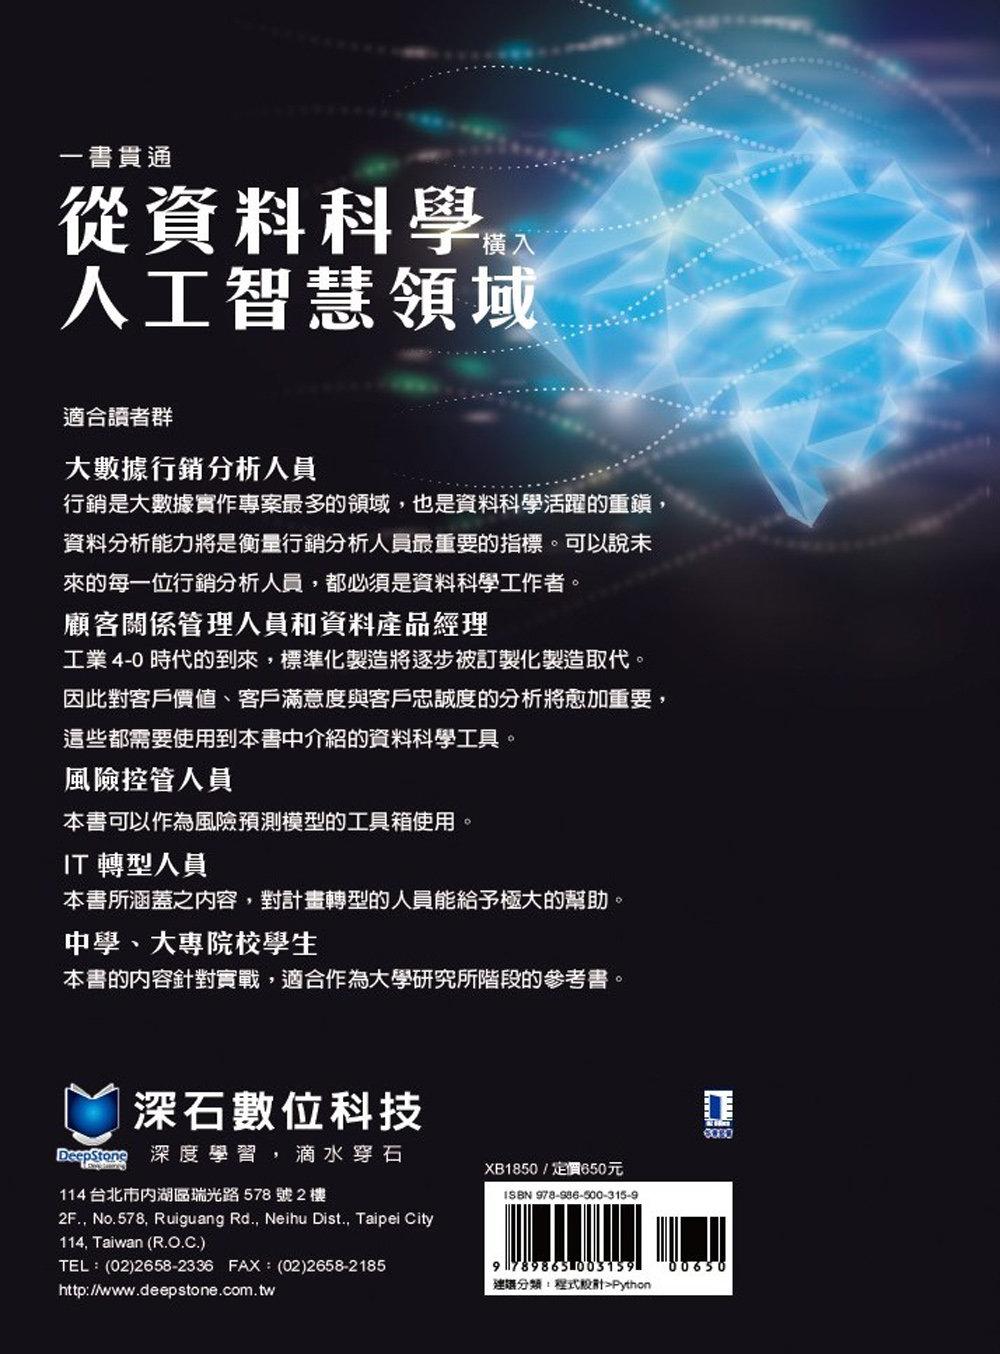 一書貫通 -- 從資料科學橫入人工智慧領域-preview-10